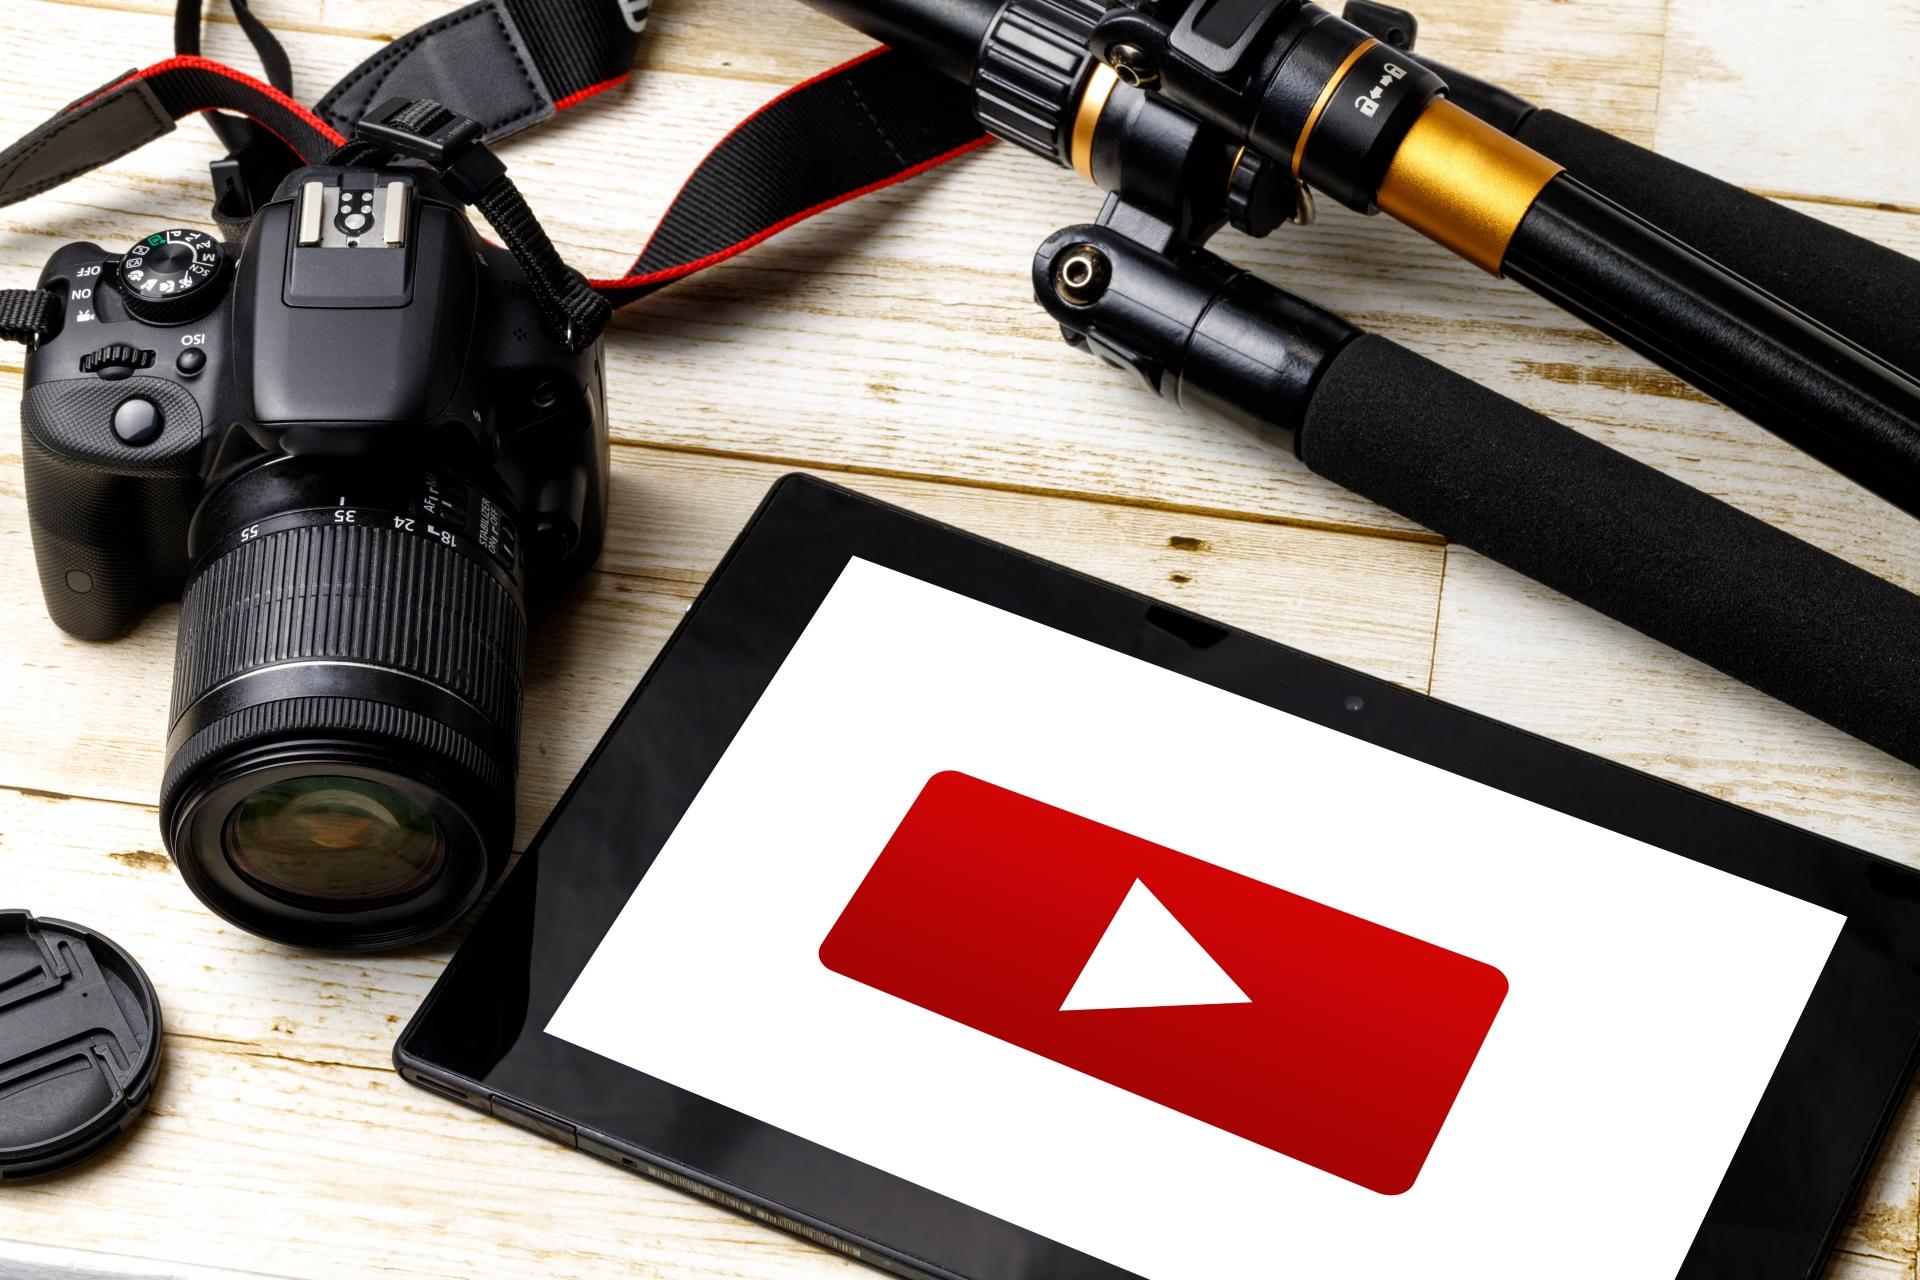 有料動画配信システム の 選定 ポイント と 比較 まとめ一覧について